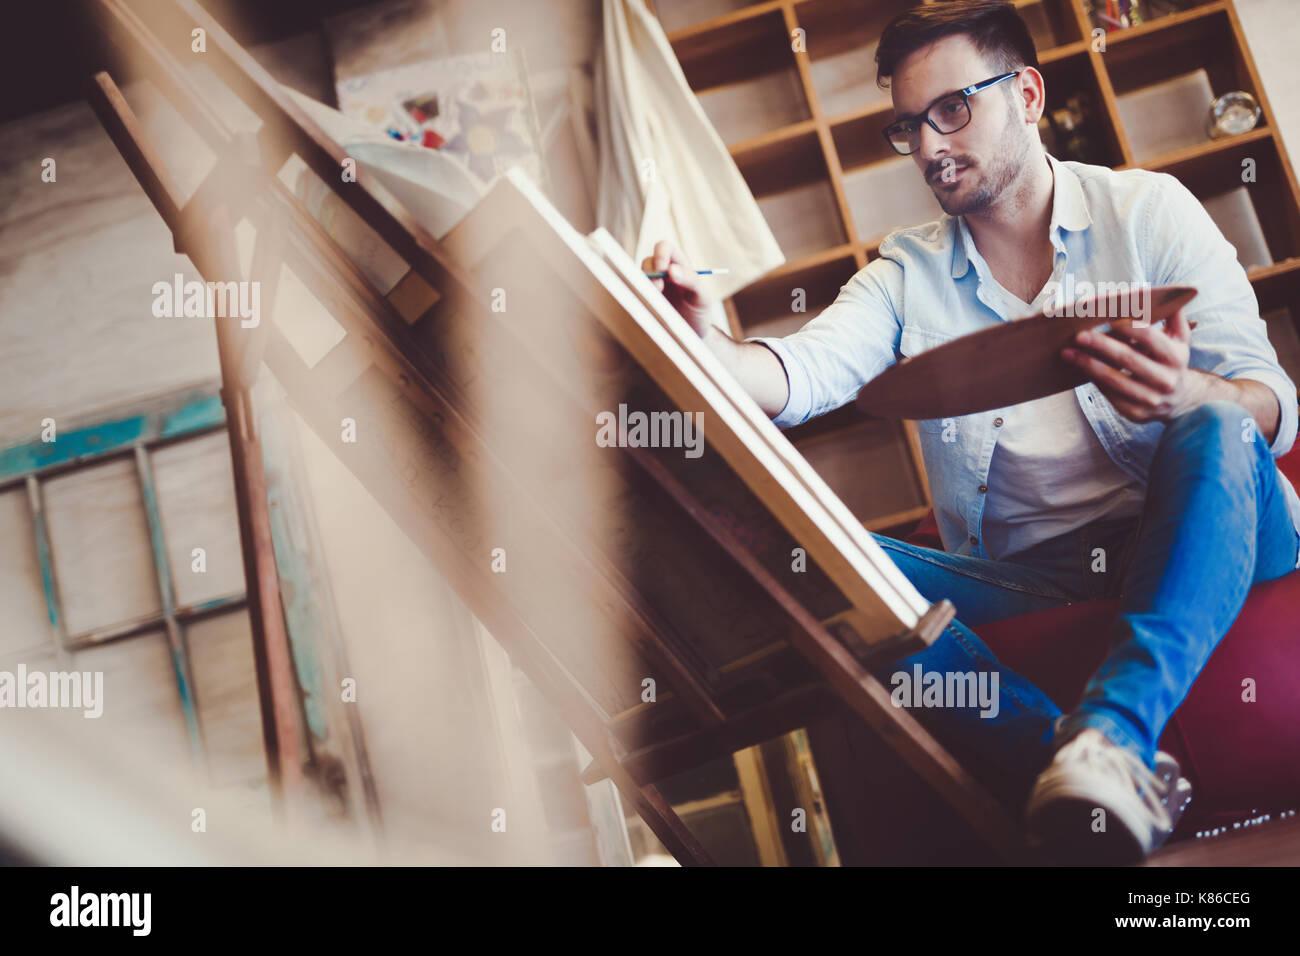 Escuela de arte masculino pintando con óleo sobre lienzo Imagen De Stock